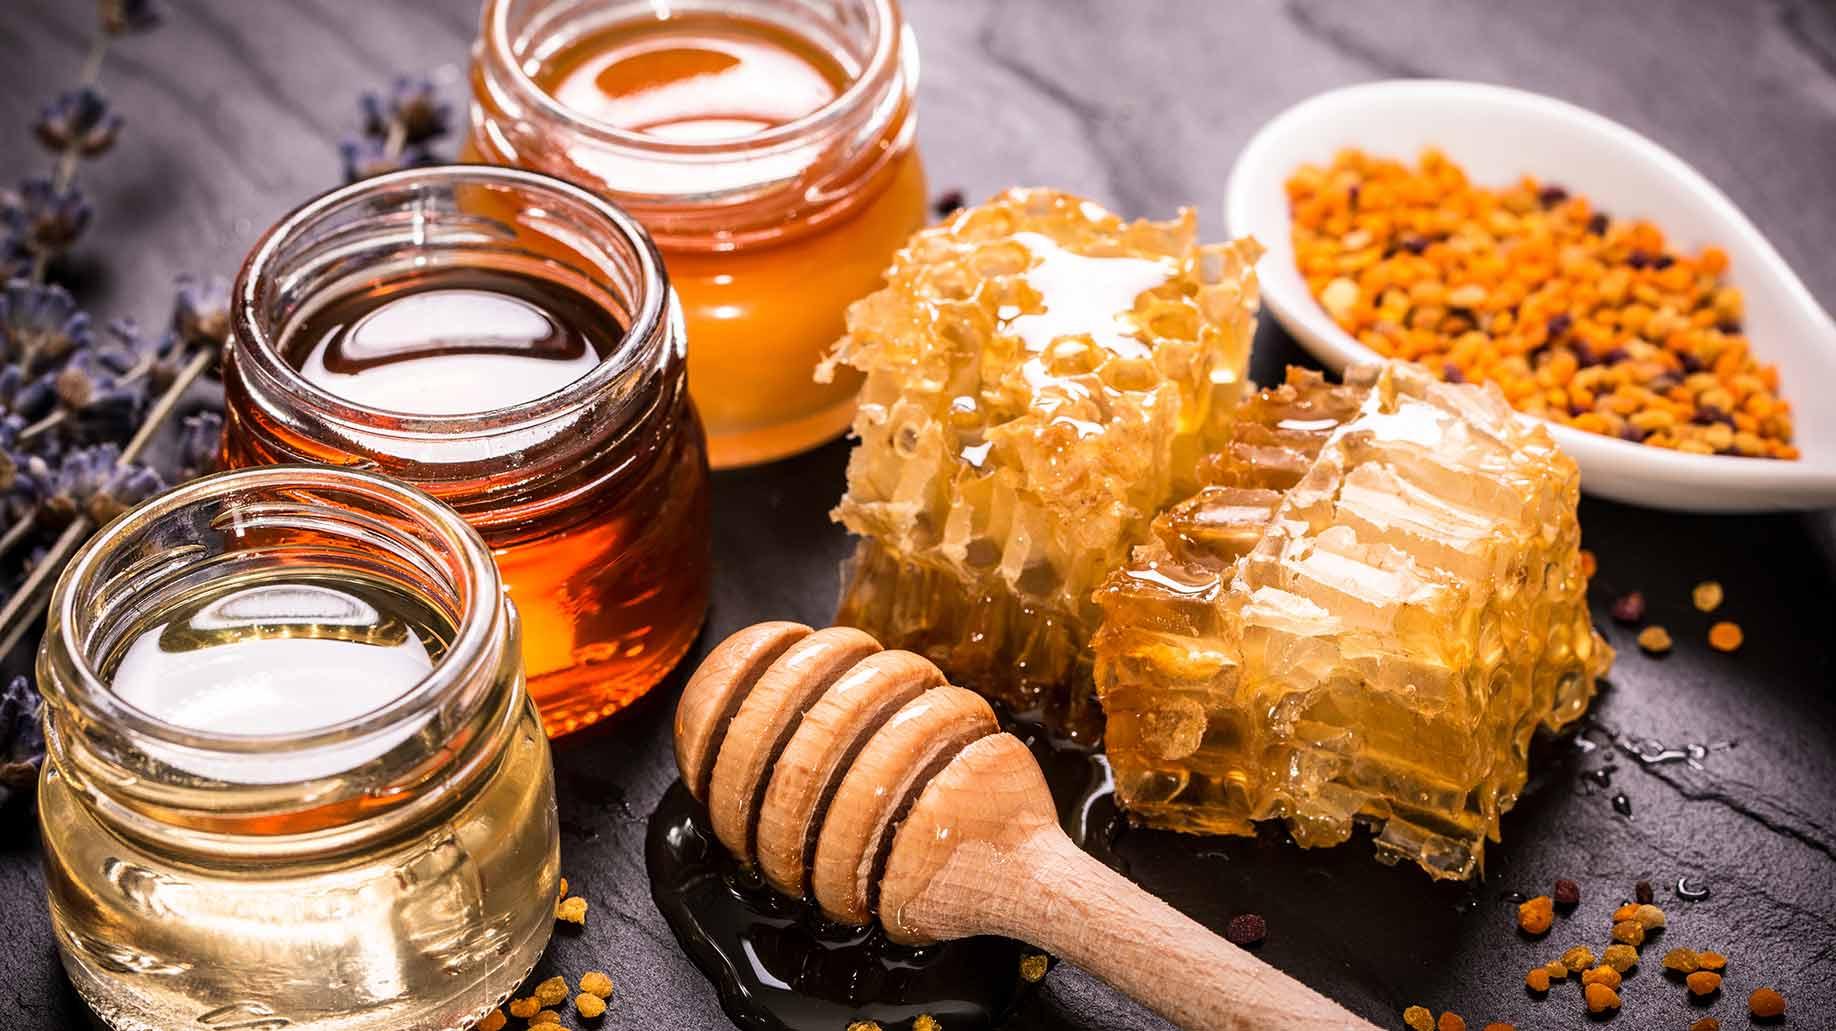 عن فوائد العسل وشمع العسل